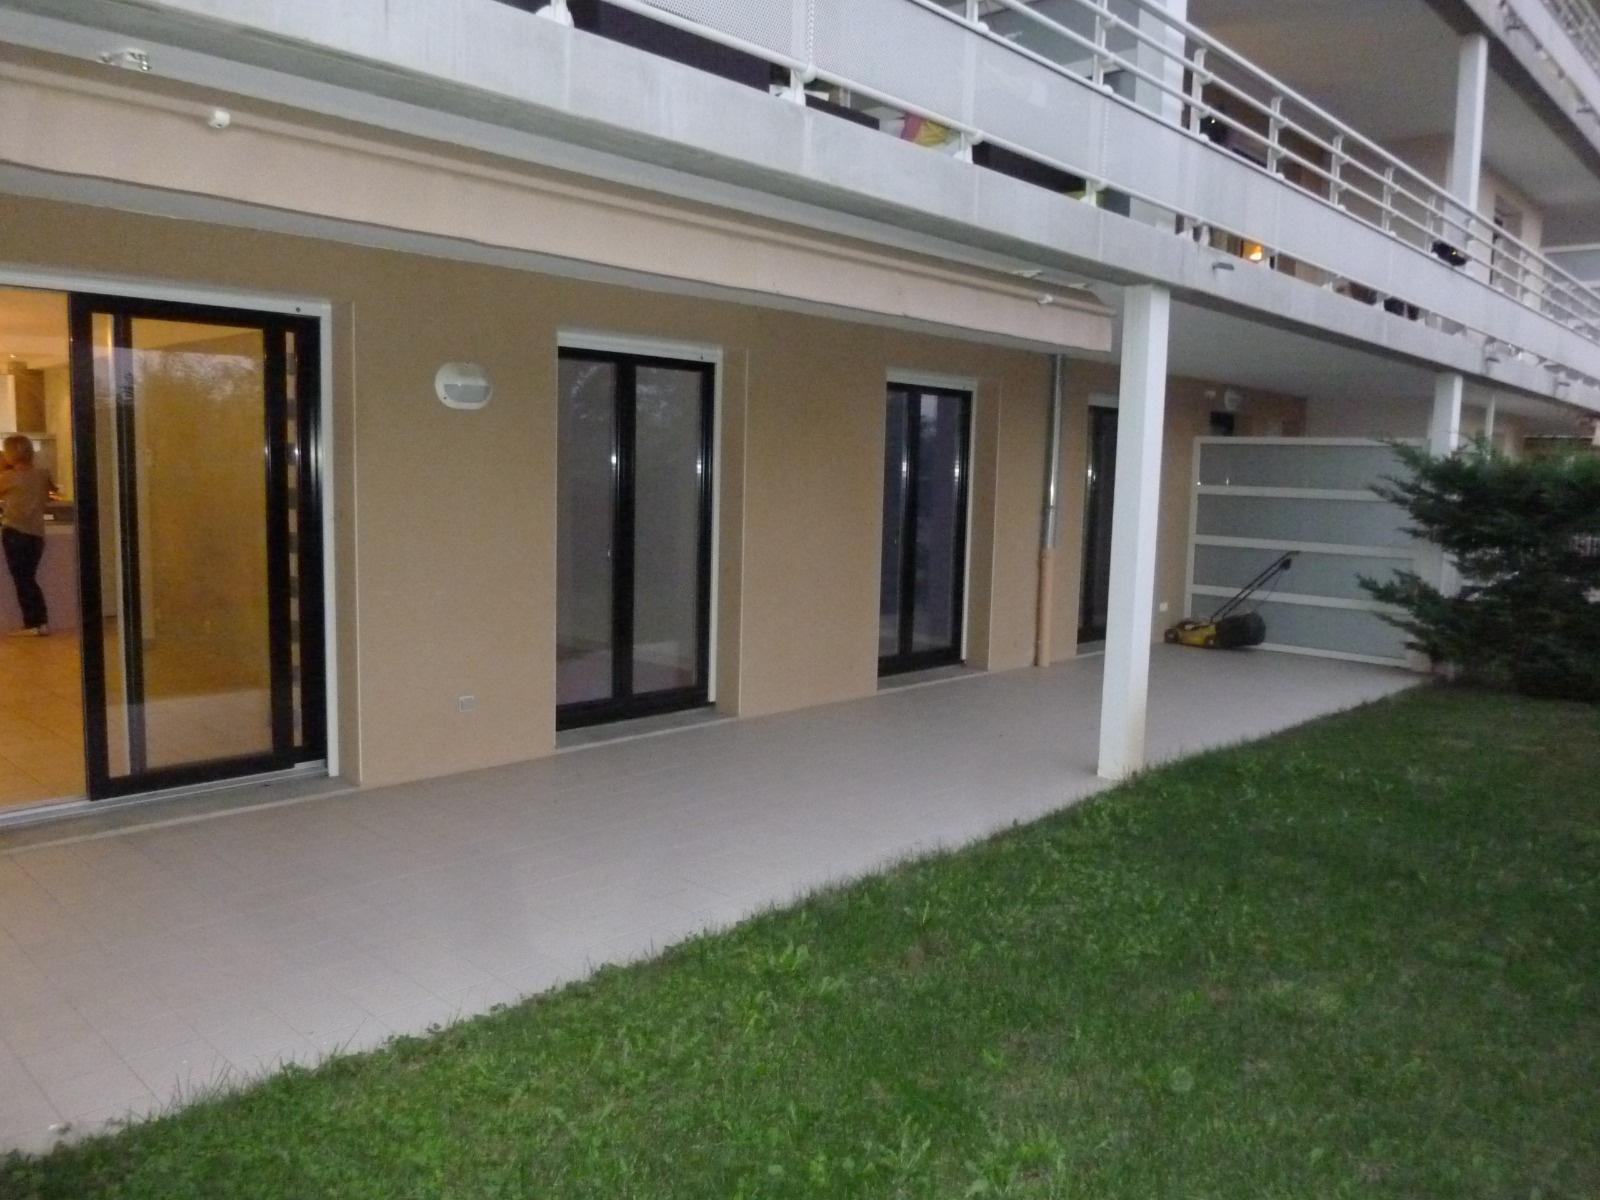 Location appartements et maisons saint etienne for Garage tardy saint etienne